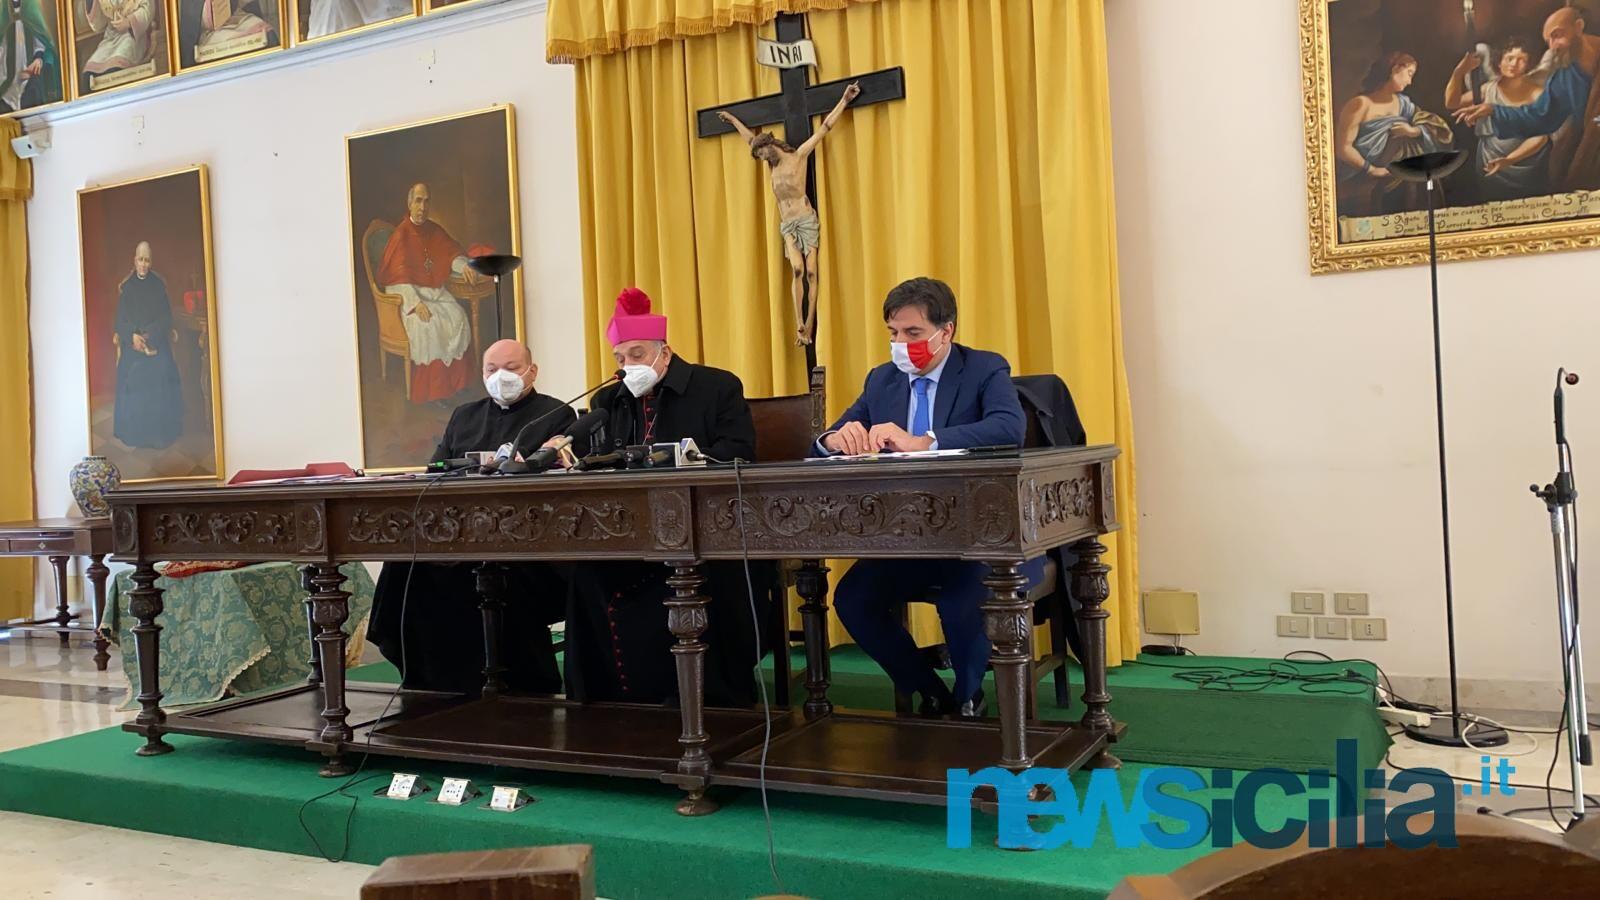 Catania, festa di Sant'Agata 2021: il programma ufficiale, ecco cosa prevede